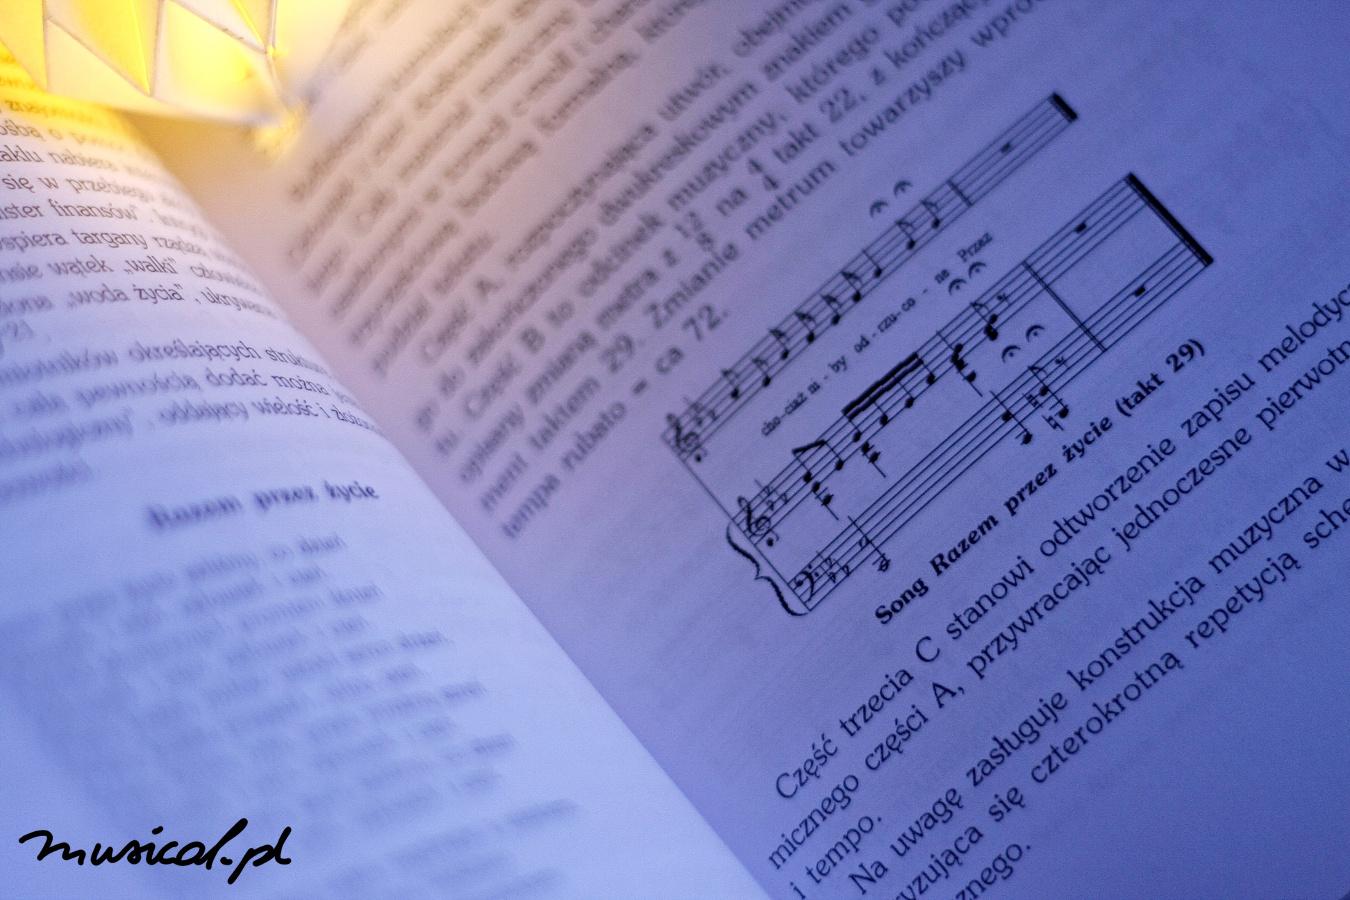 Wykonawstwo polskich songów musicalowych z towarzyszeniem fortepianu i zespołu kameralnego jako forma popularyzacji gatunku, fot. Małgorzata Lipska